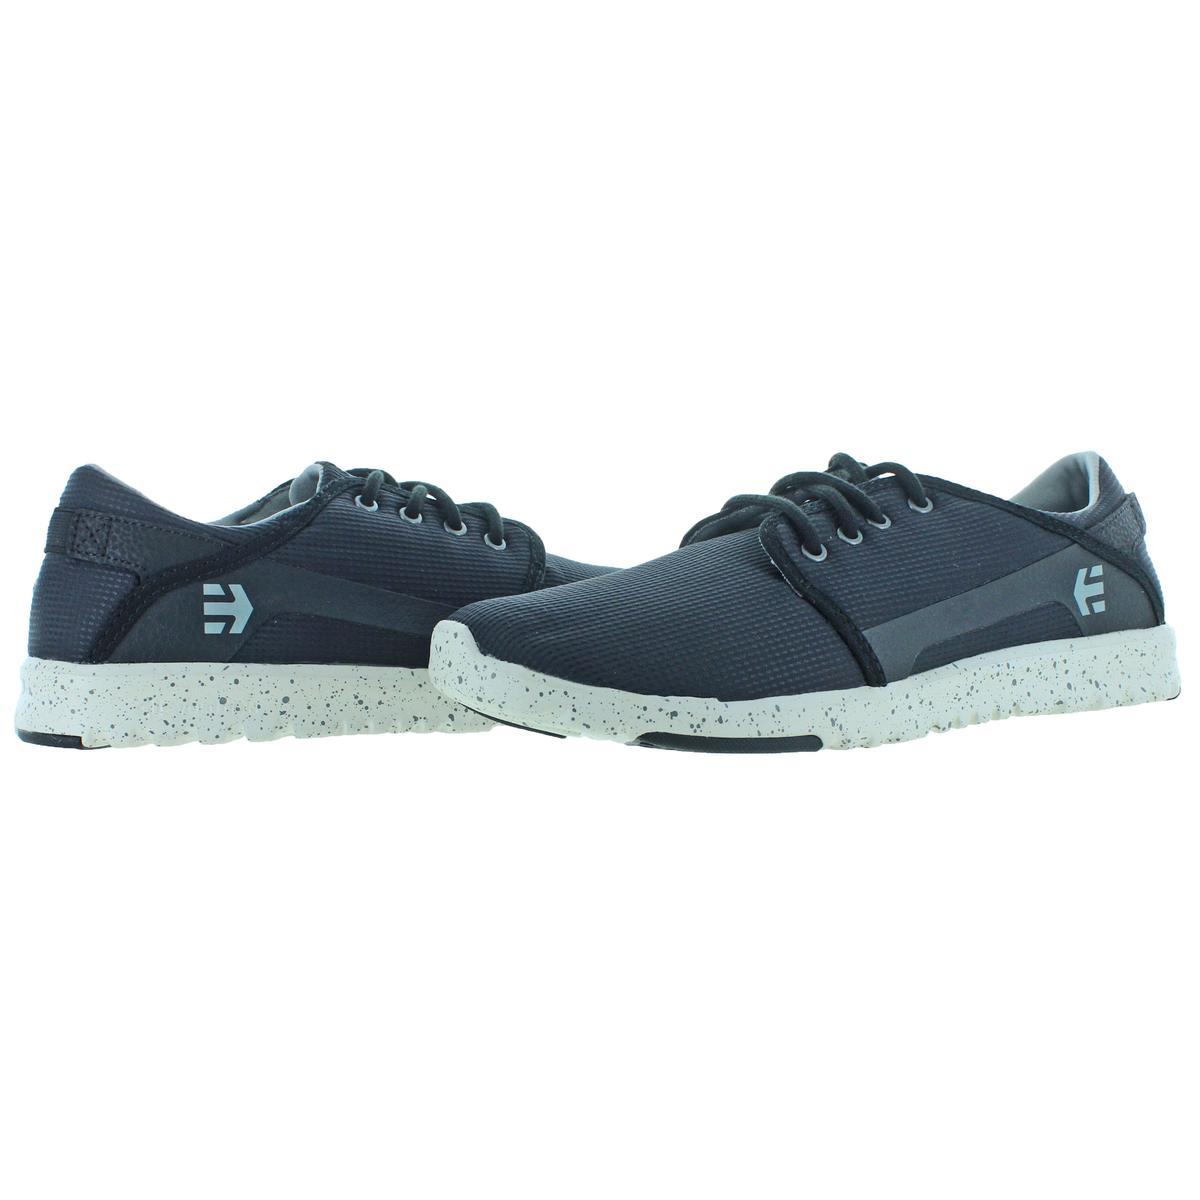 Etnies-Scout-Hommes-Leger-Athletique-Baskets-Chaussures miniature 6